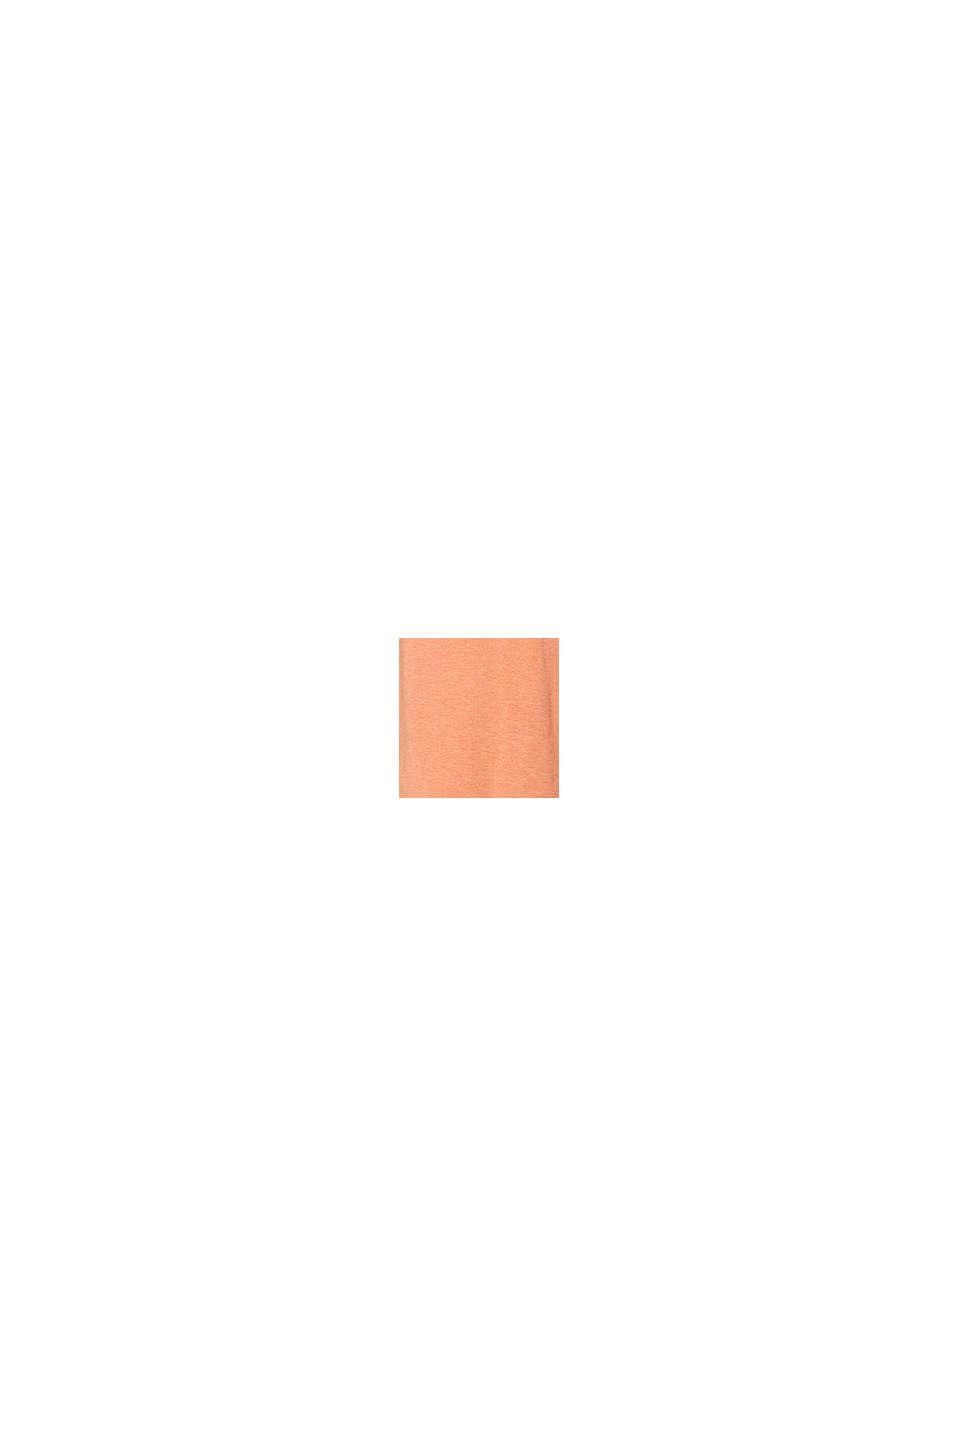 Jersey top met geknoopte bandjes, ORANGE DUSK, swatch